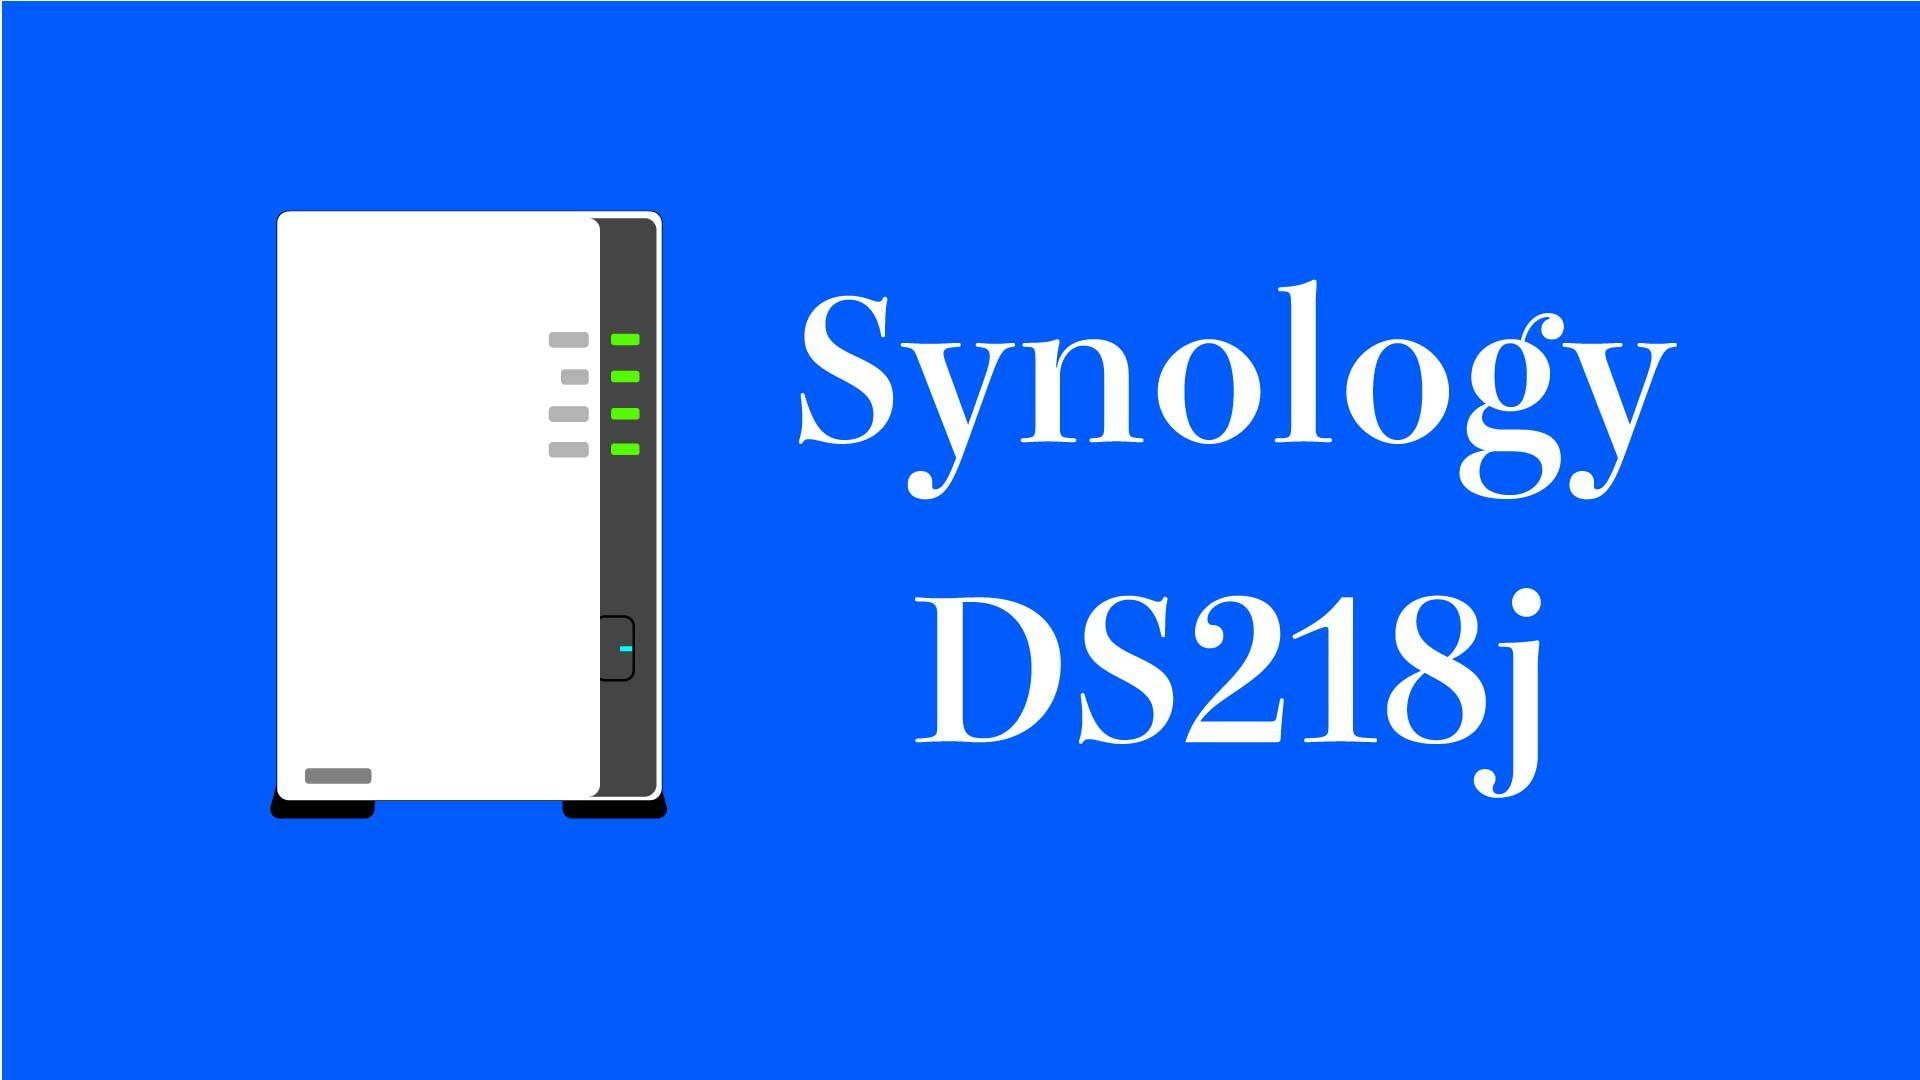 個人向け最強?定番NAS Synology DS218jのススメ